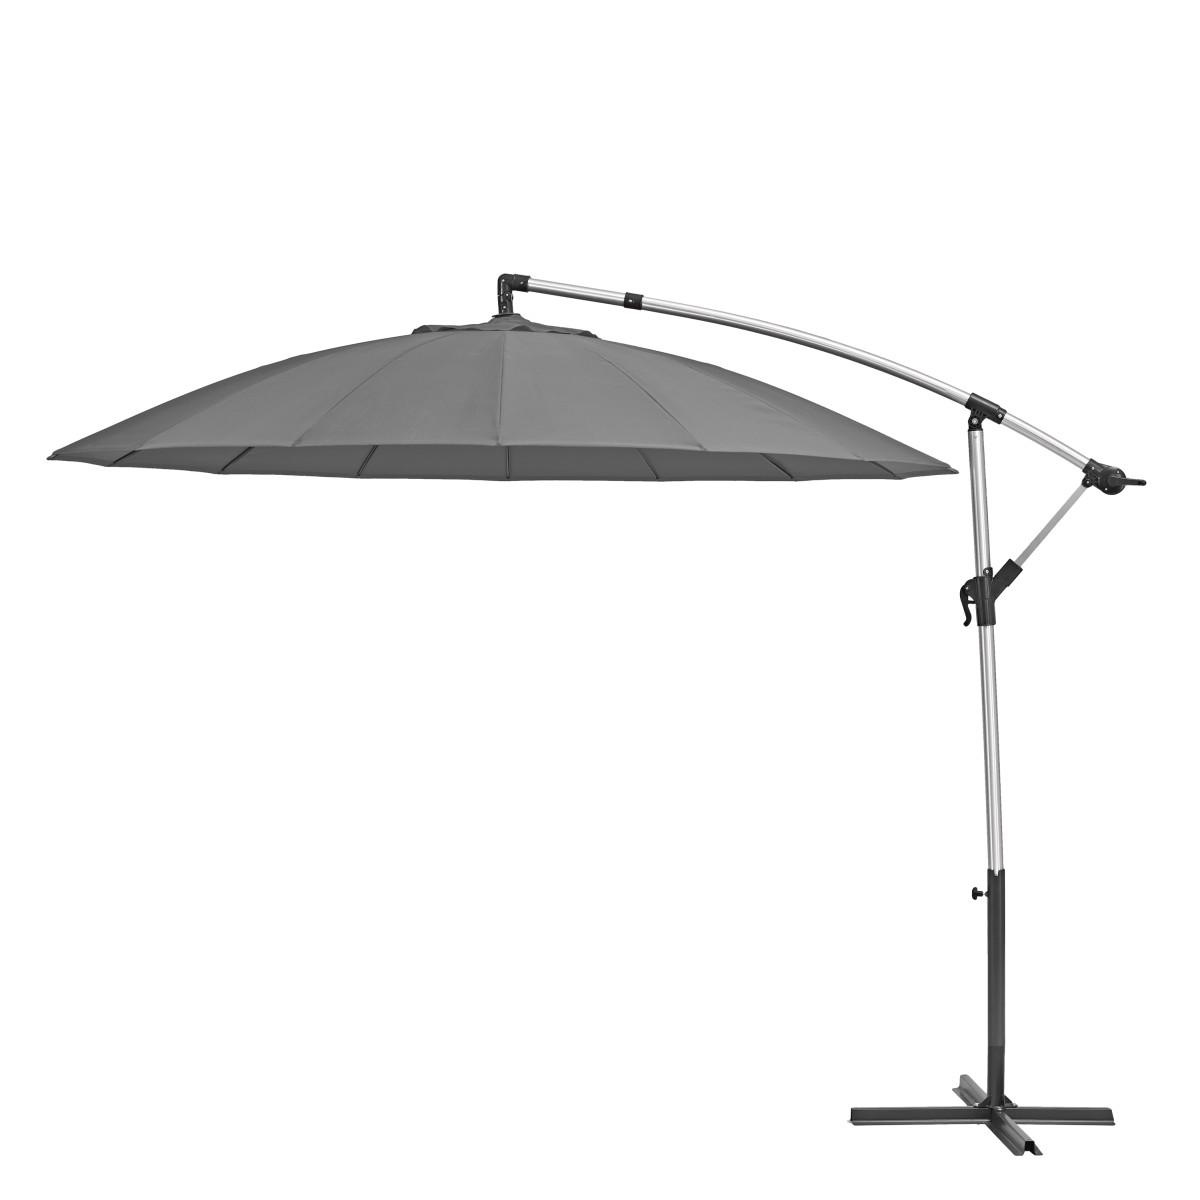 Зонт садовый Naterial Sinae 2.9 м серый с подставкой